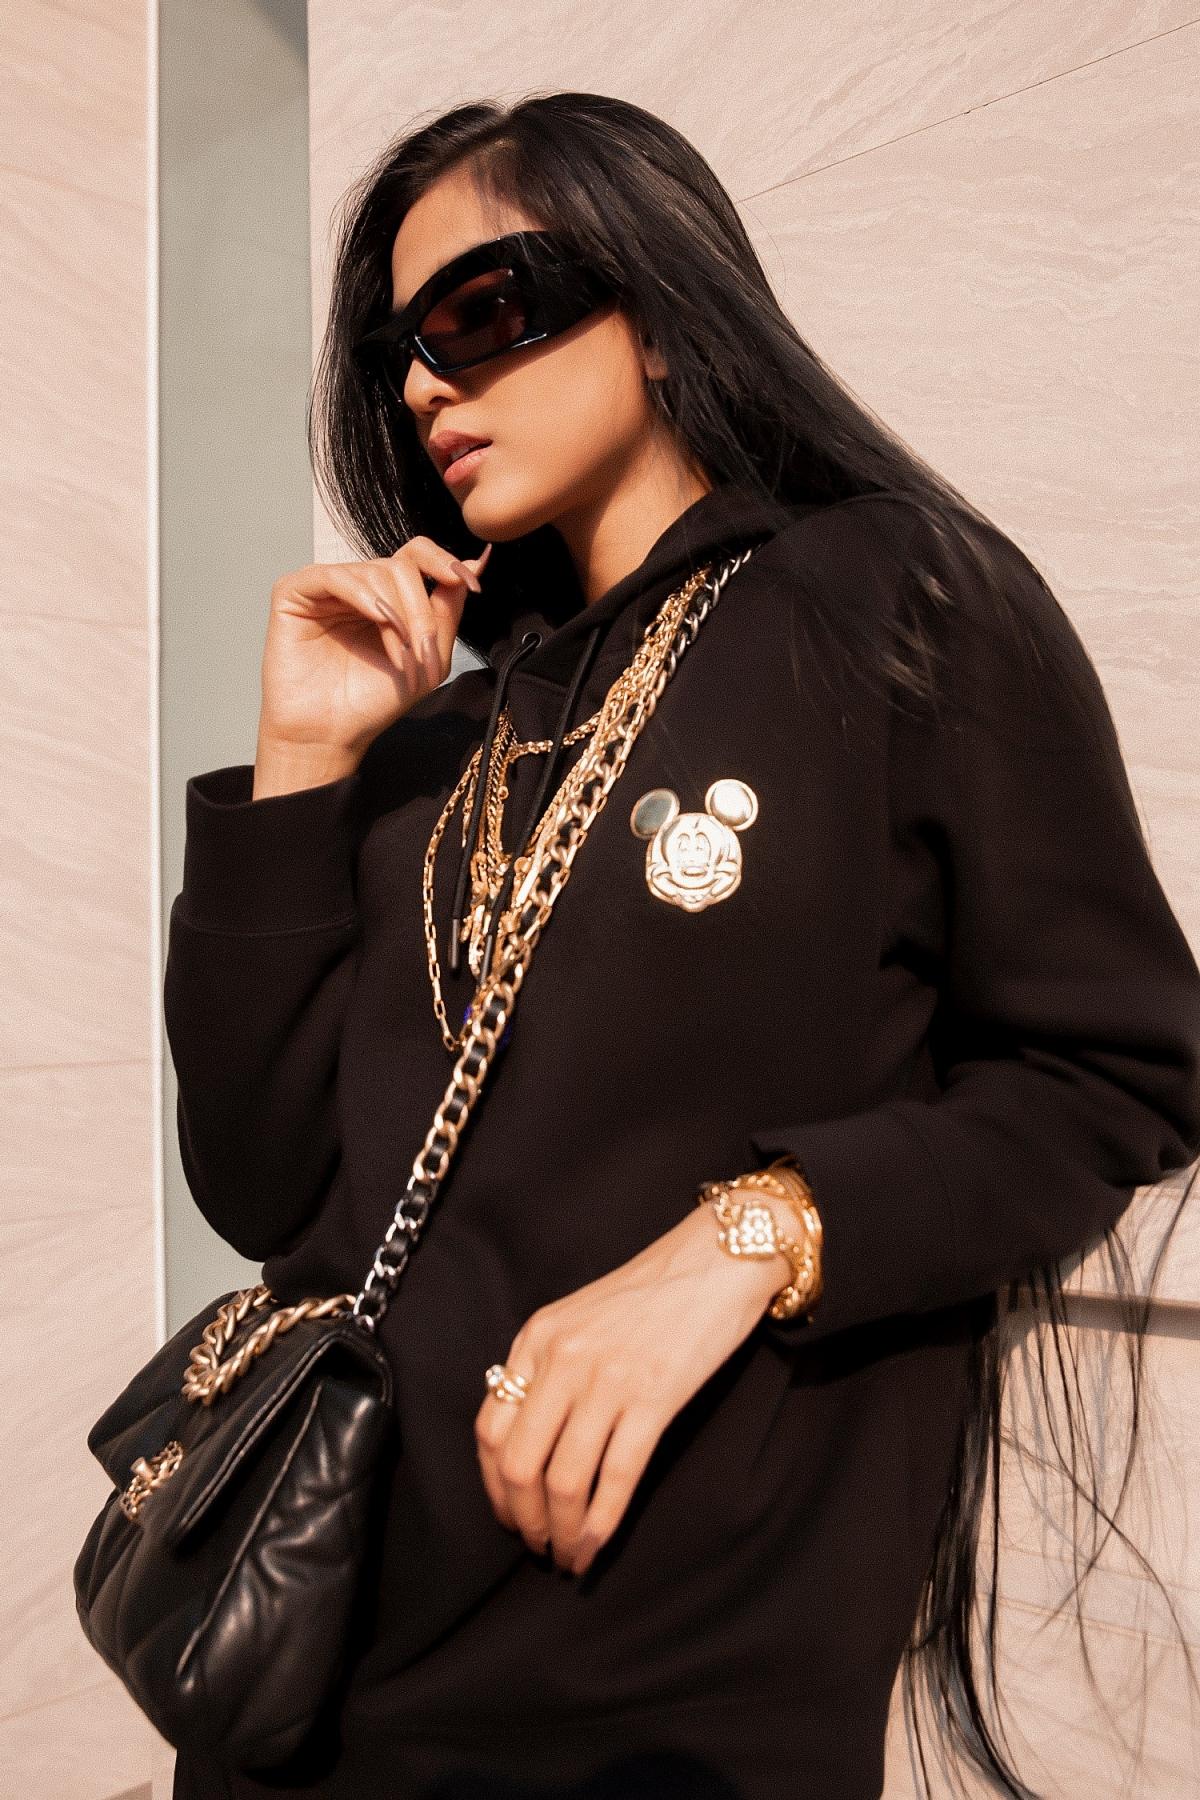 Trương Thị May phối kính hiệu cùng loạt trang phục cô yêu thích khi xuống phố.